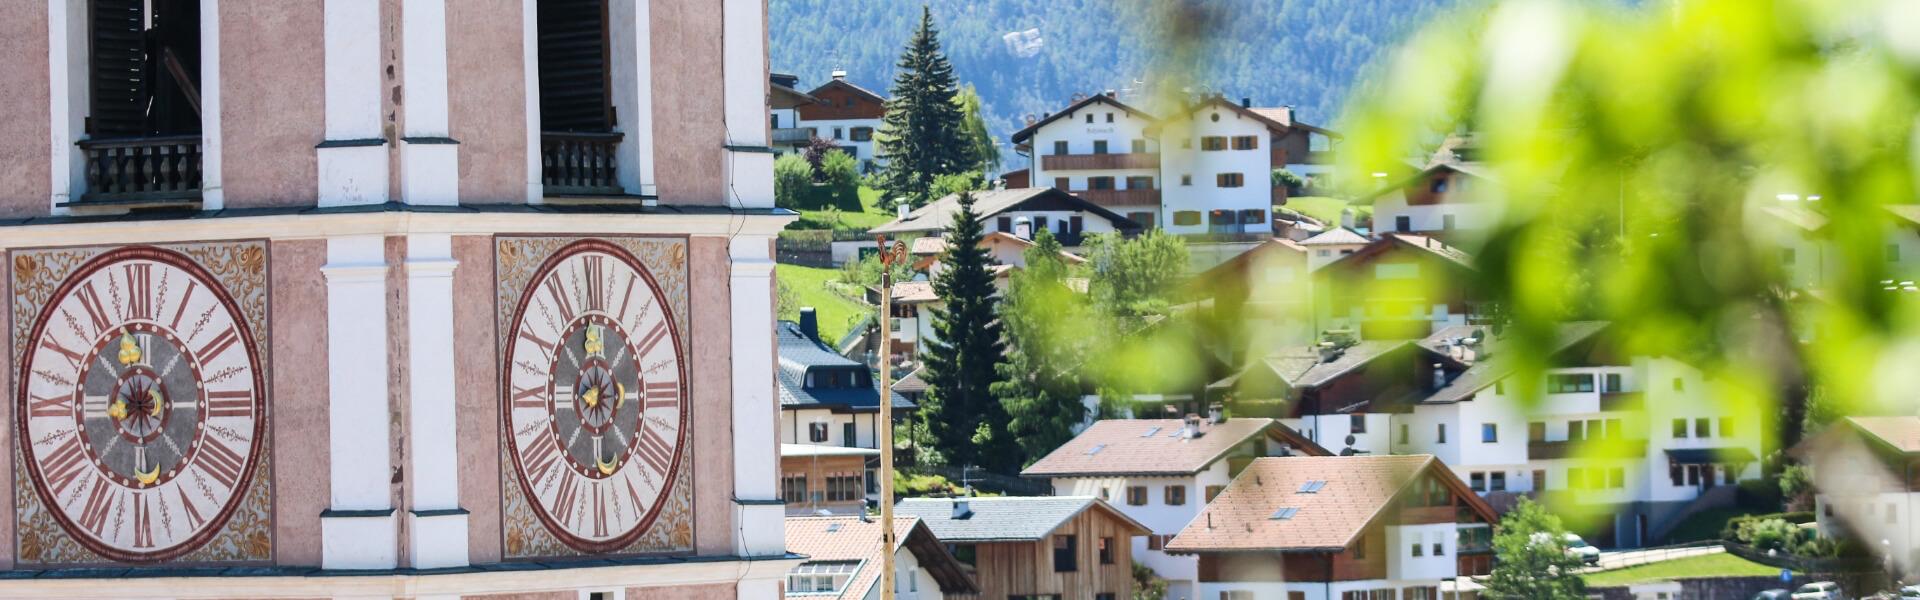 Kastelruth Dorf - Schlerngebiet - Wandern